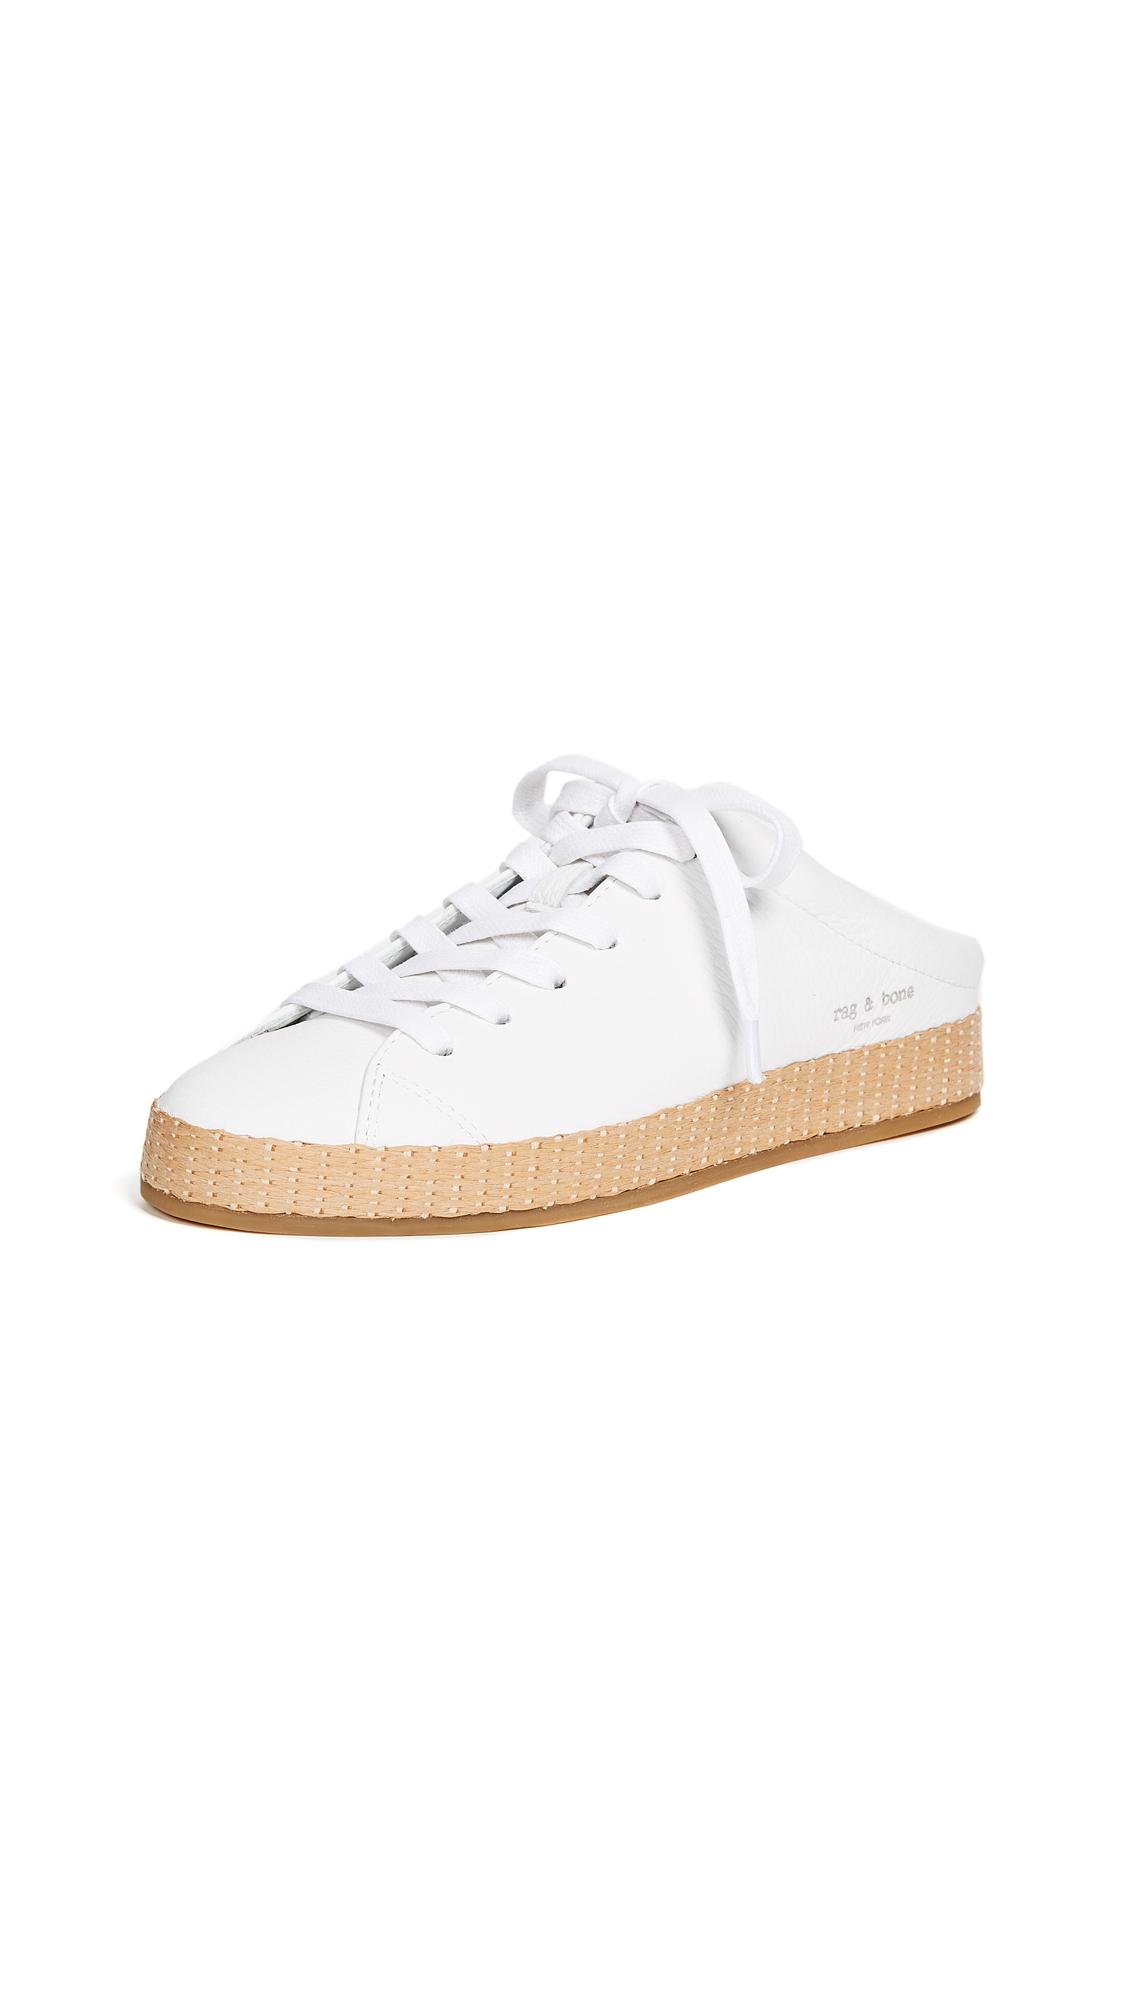 Rag & Bone RB1 Mule Sneakers - White